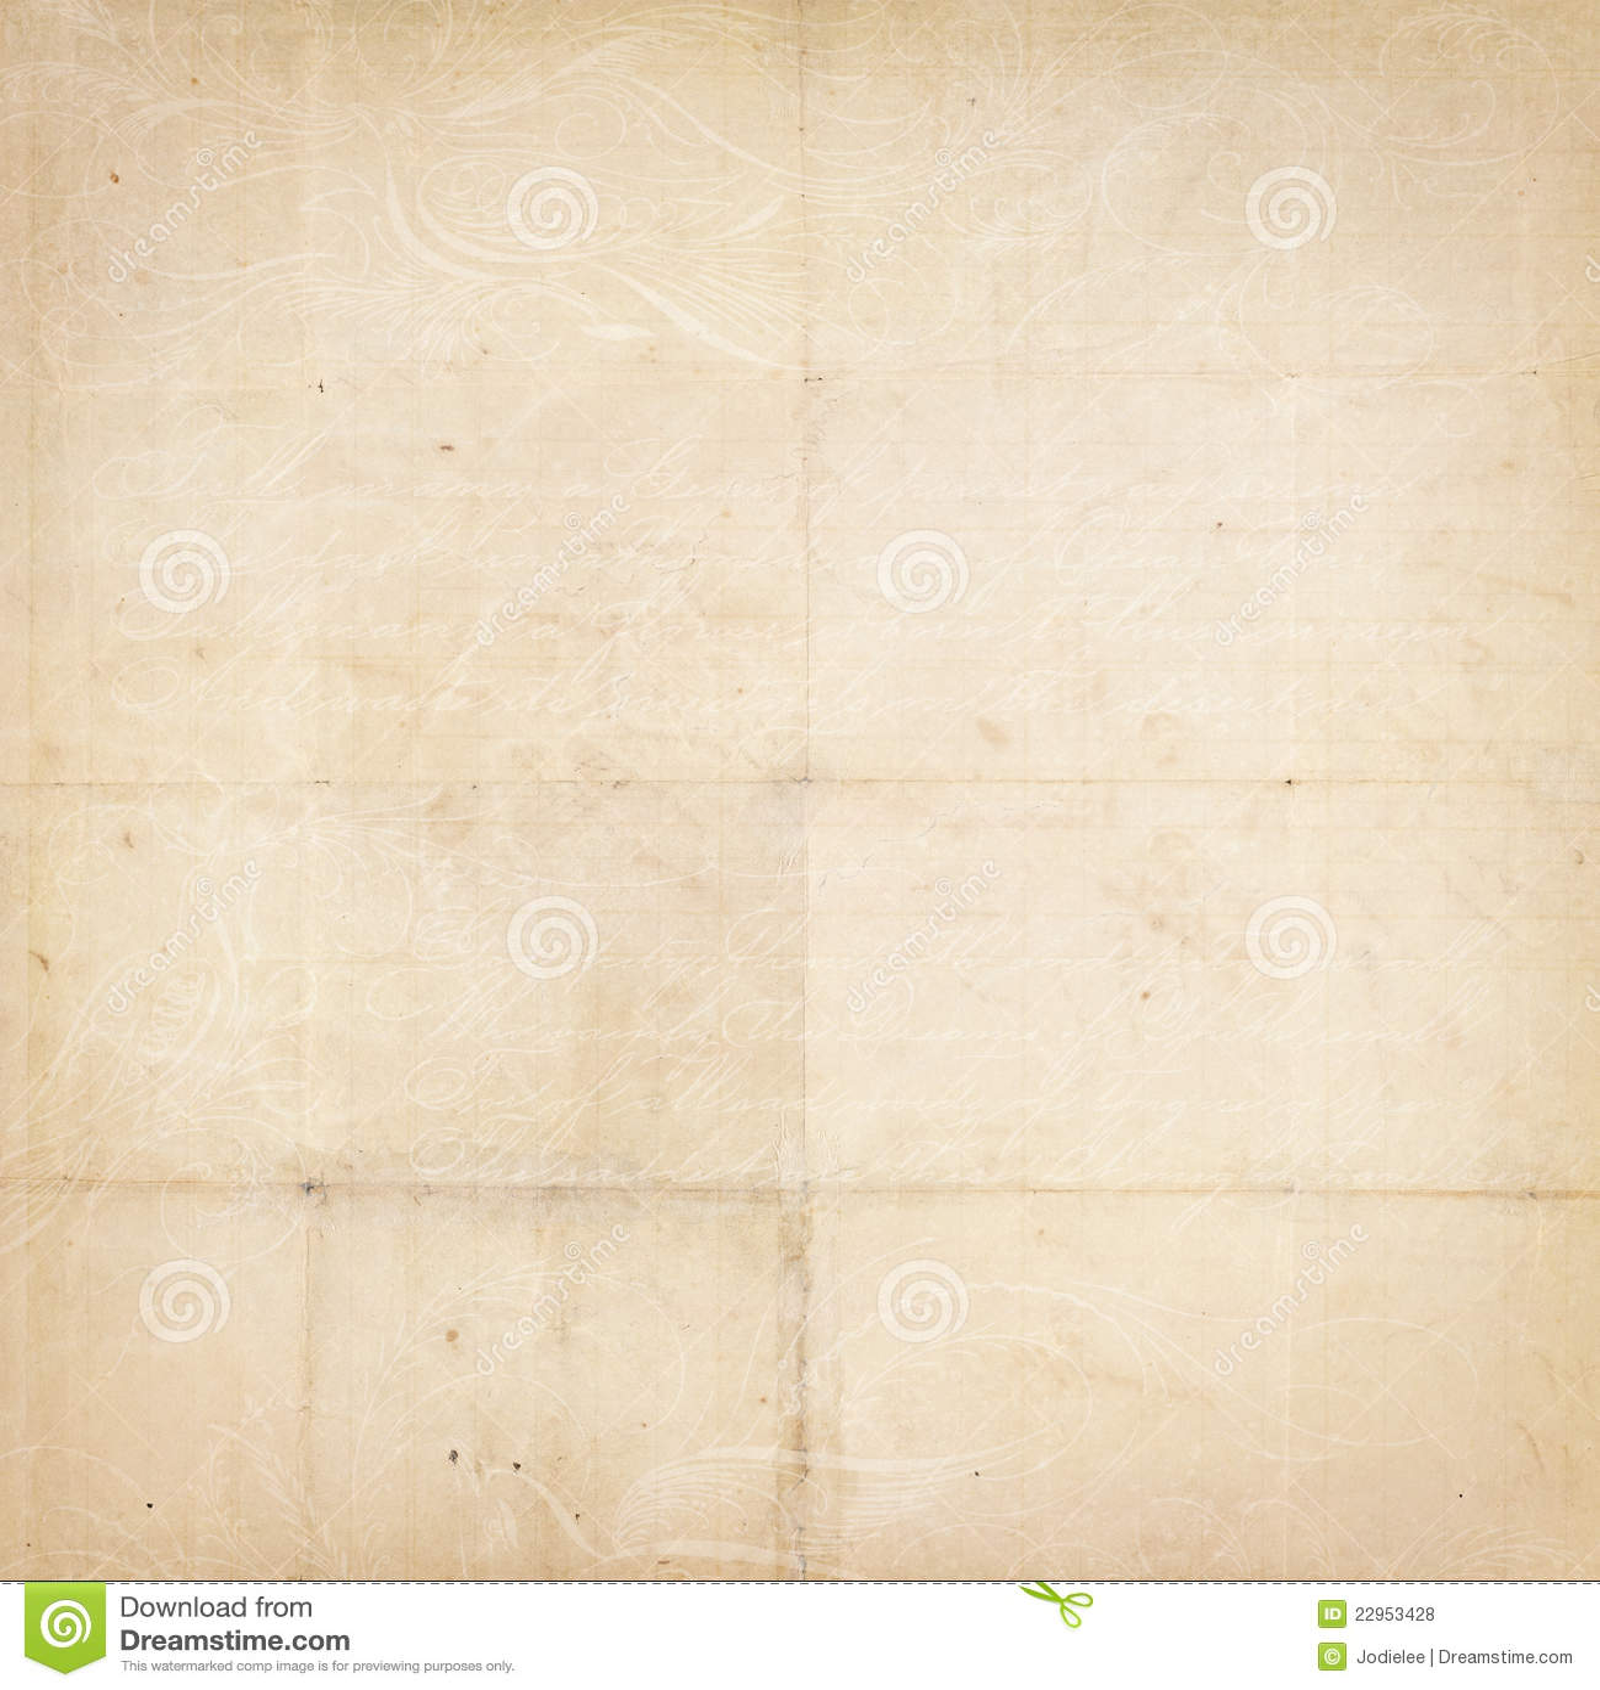 Go Back  gt  Images For  gt  Vintage White Paper TextureVintage White Paper Texture